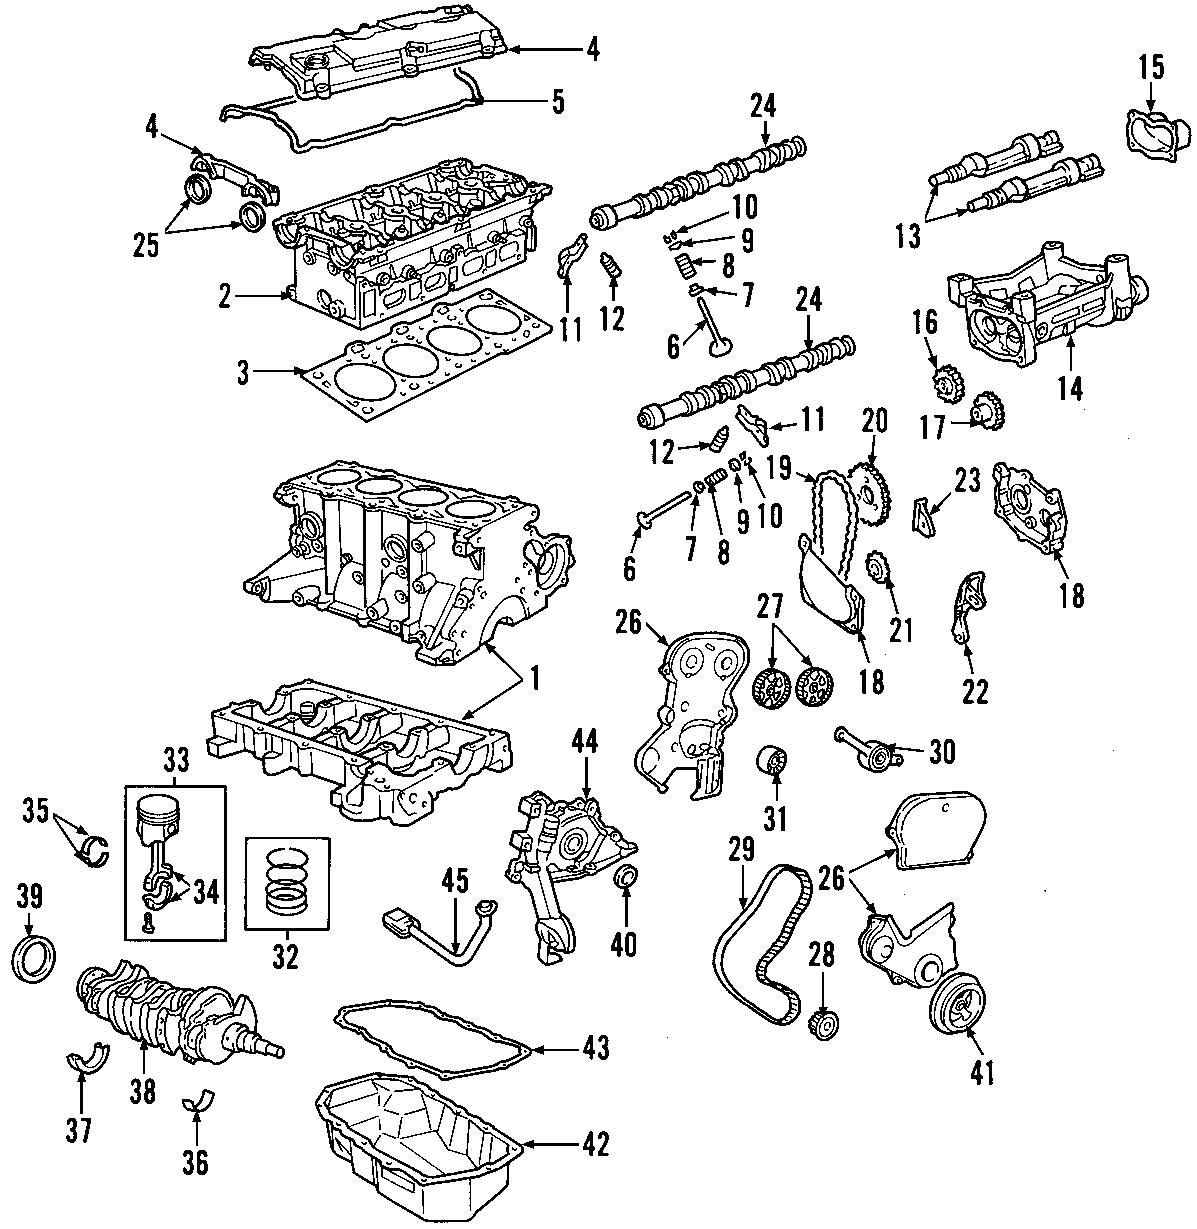 1998 Chrysler Sebring Camshaft. Engine camshaft. Intake